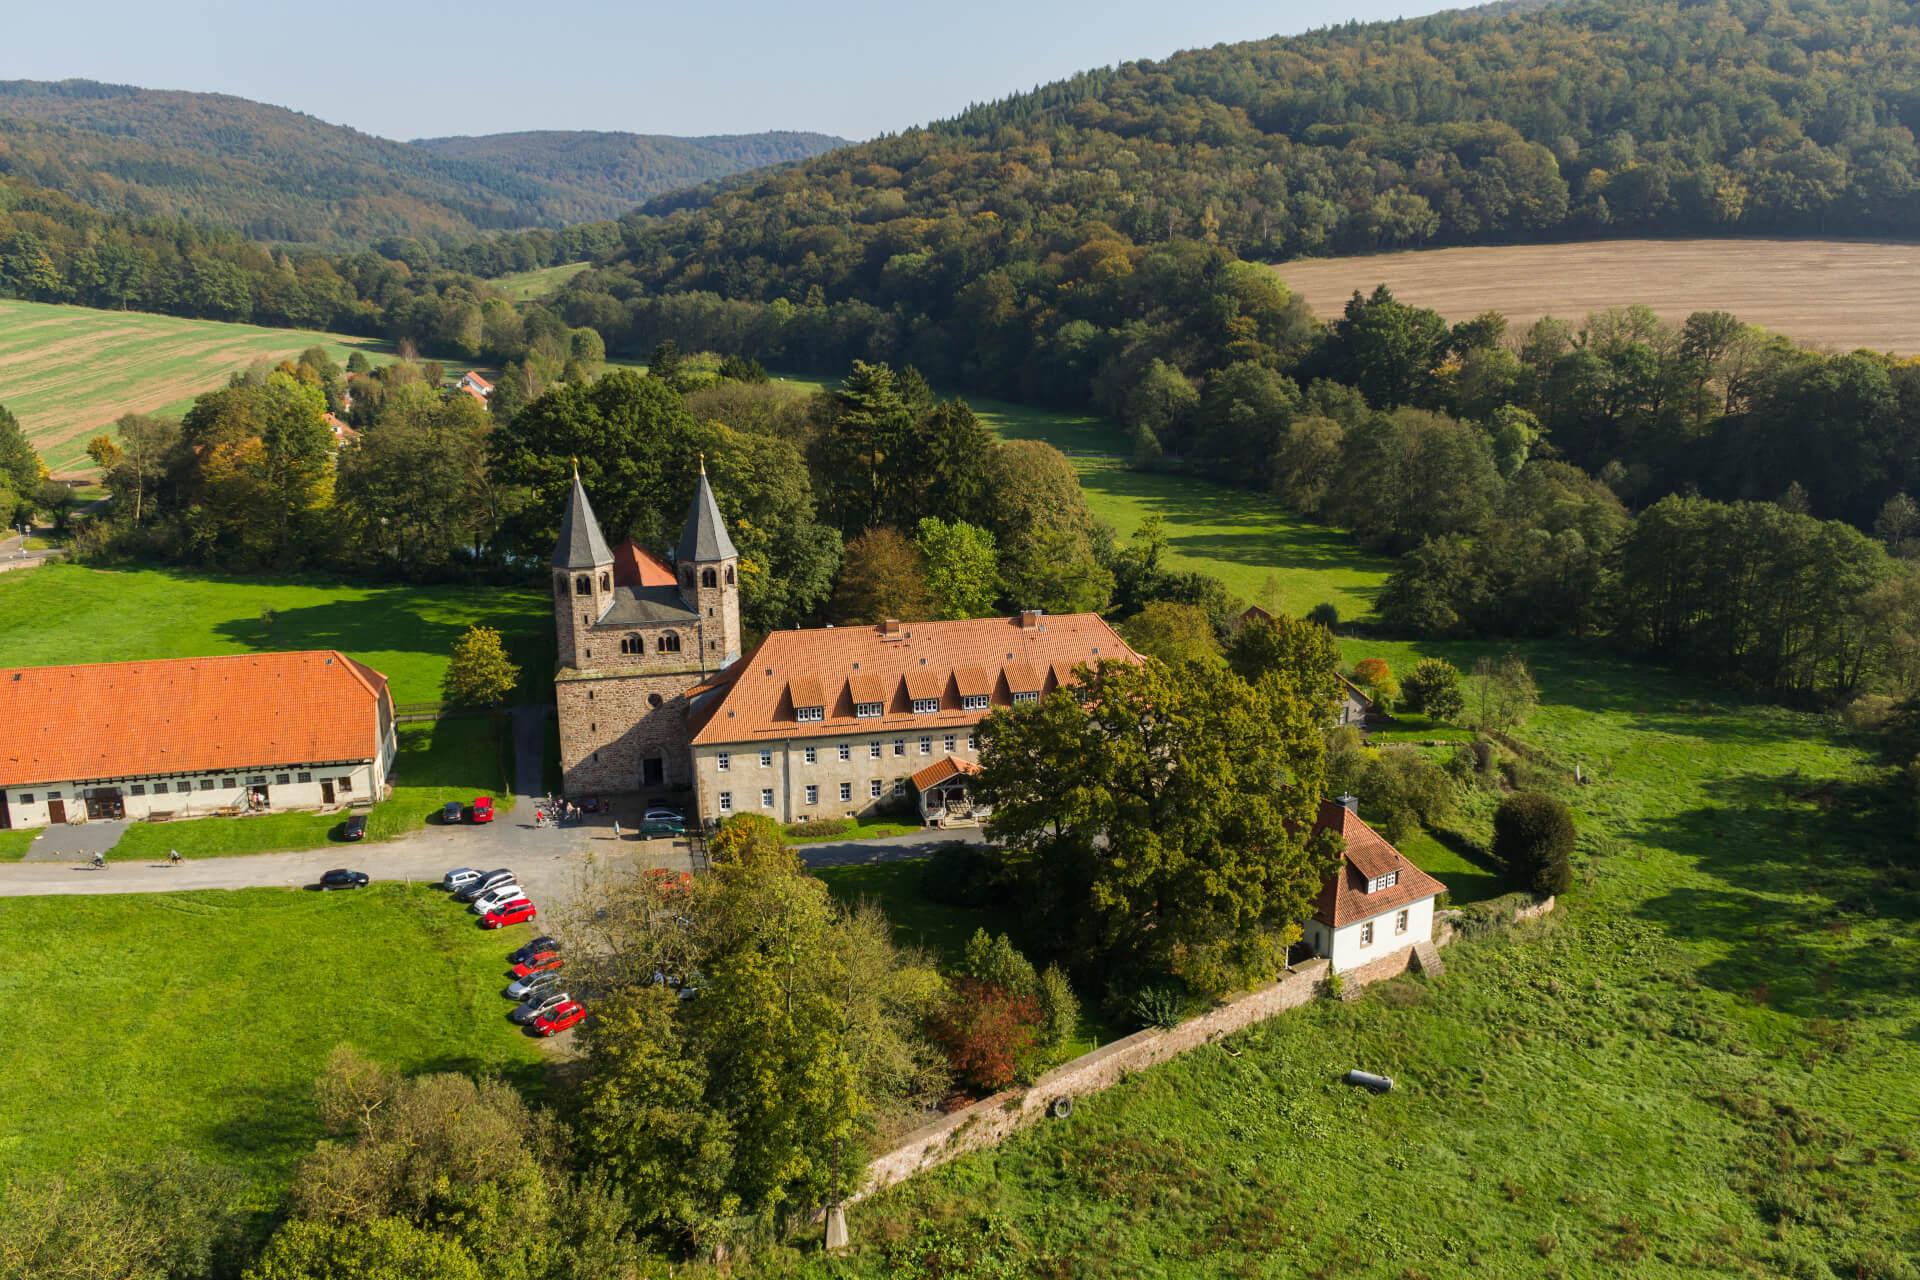 Kloster Bursfelde mit Tagungshaus, Luftbild